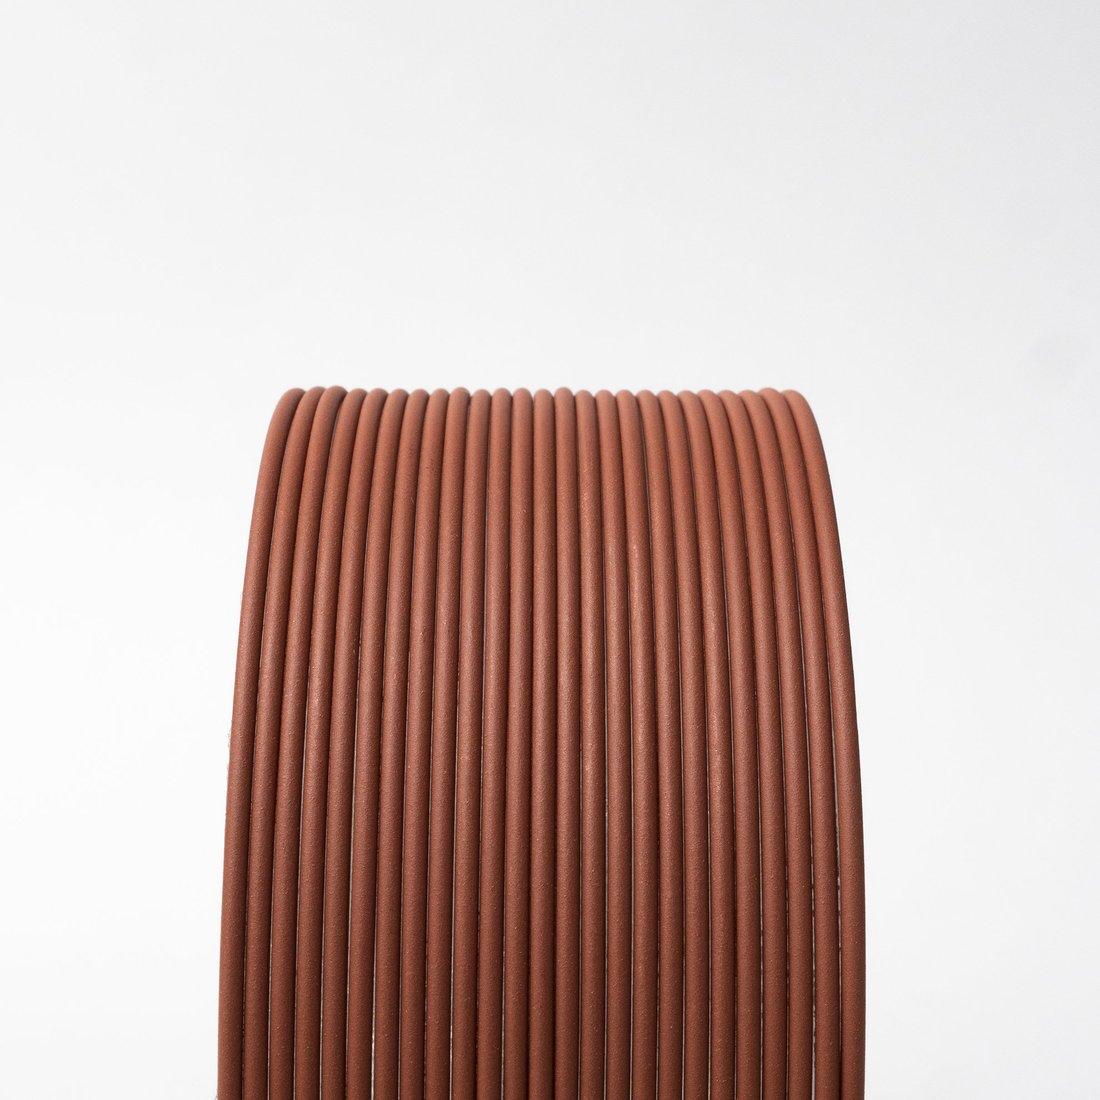 HTPLA Copper